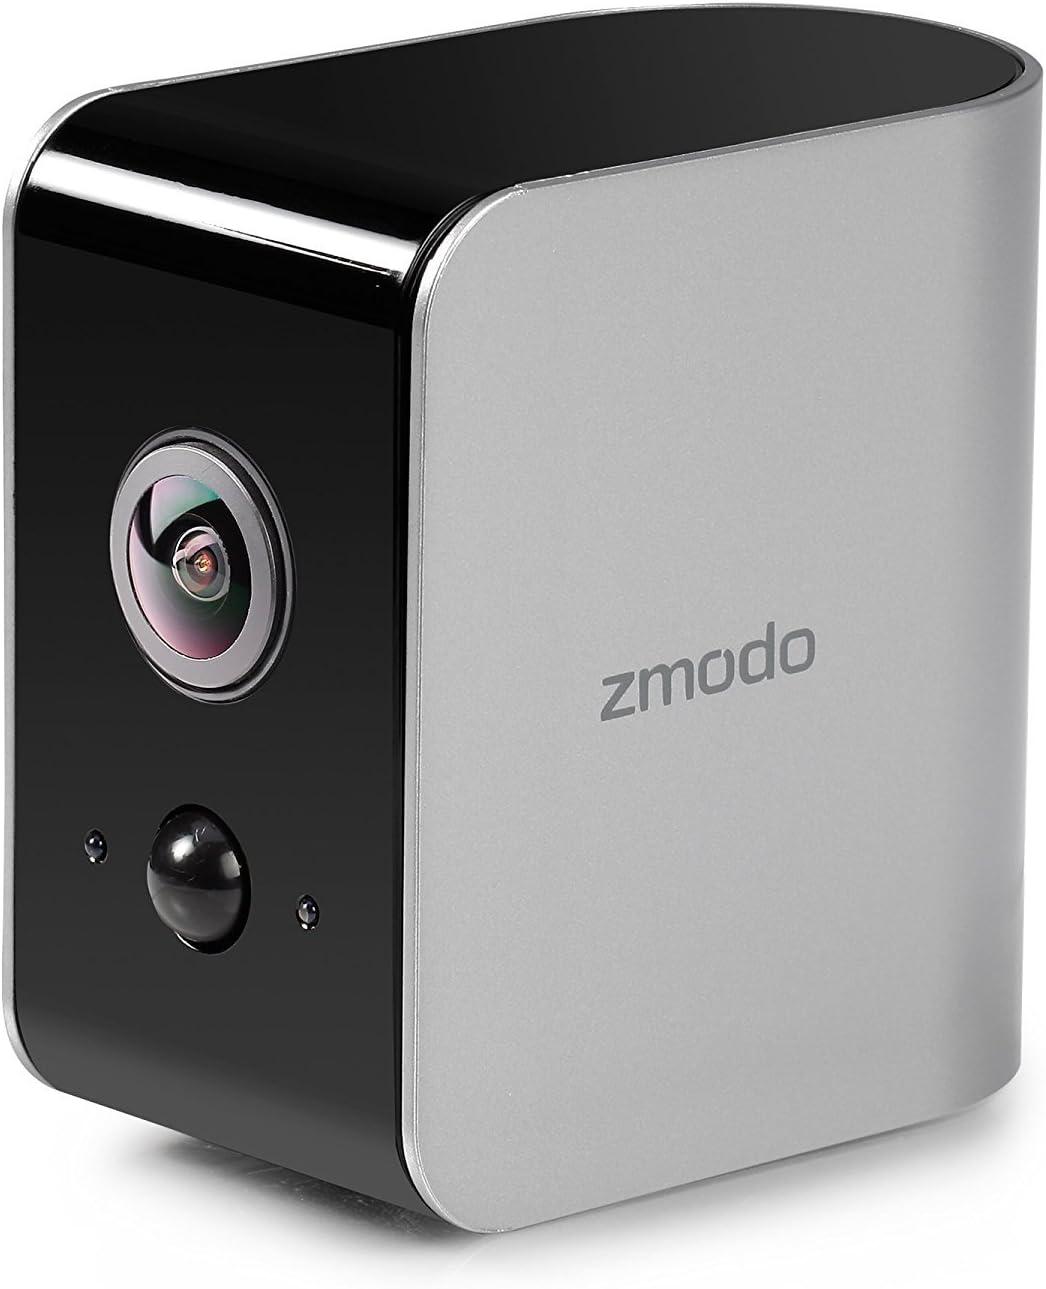 Zmodo Snap True Wireless Snap, Black/Gray (SD-H2304-A)